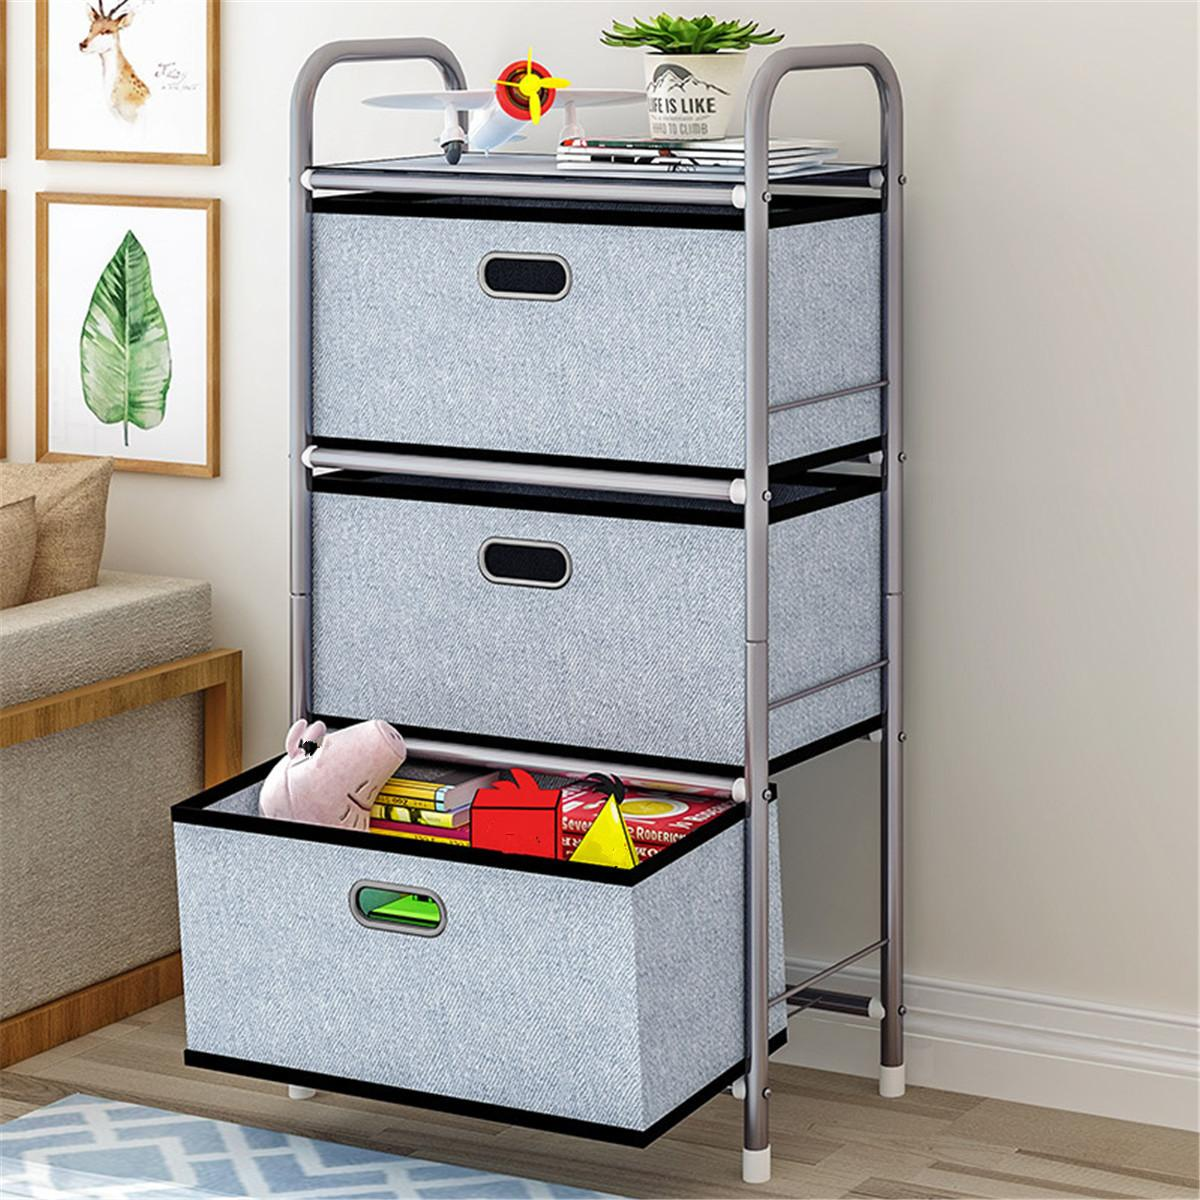 4 couches 3 tiroir assemblage en acier inoxydable vêtements armoire de rangement Non-tissé tissu Storag Rack jouets organisateur chambre salon